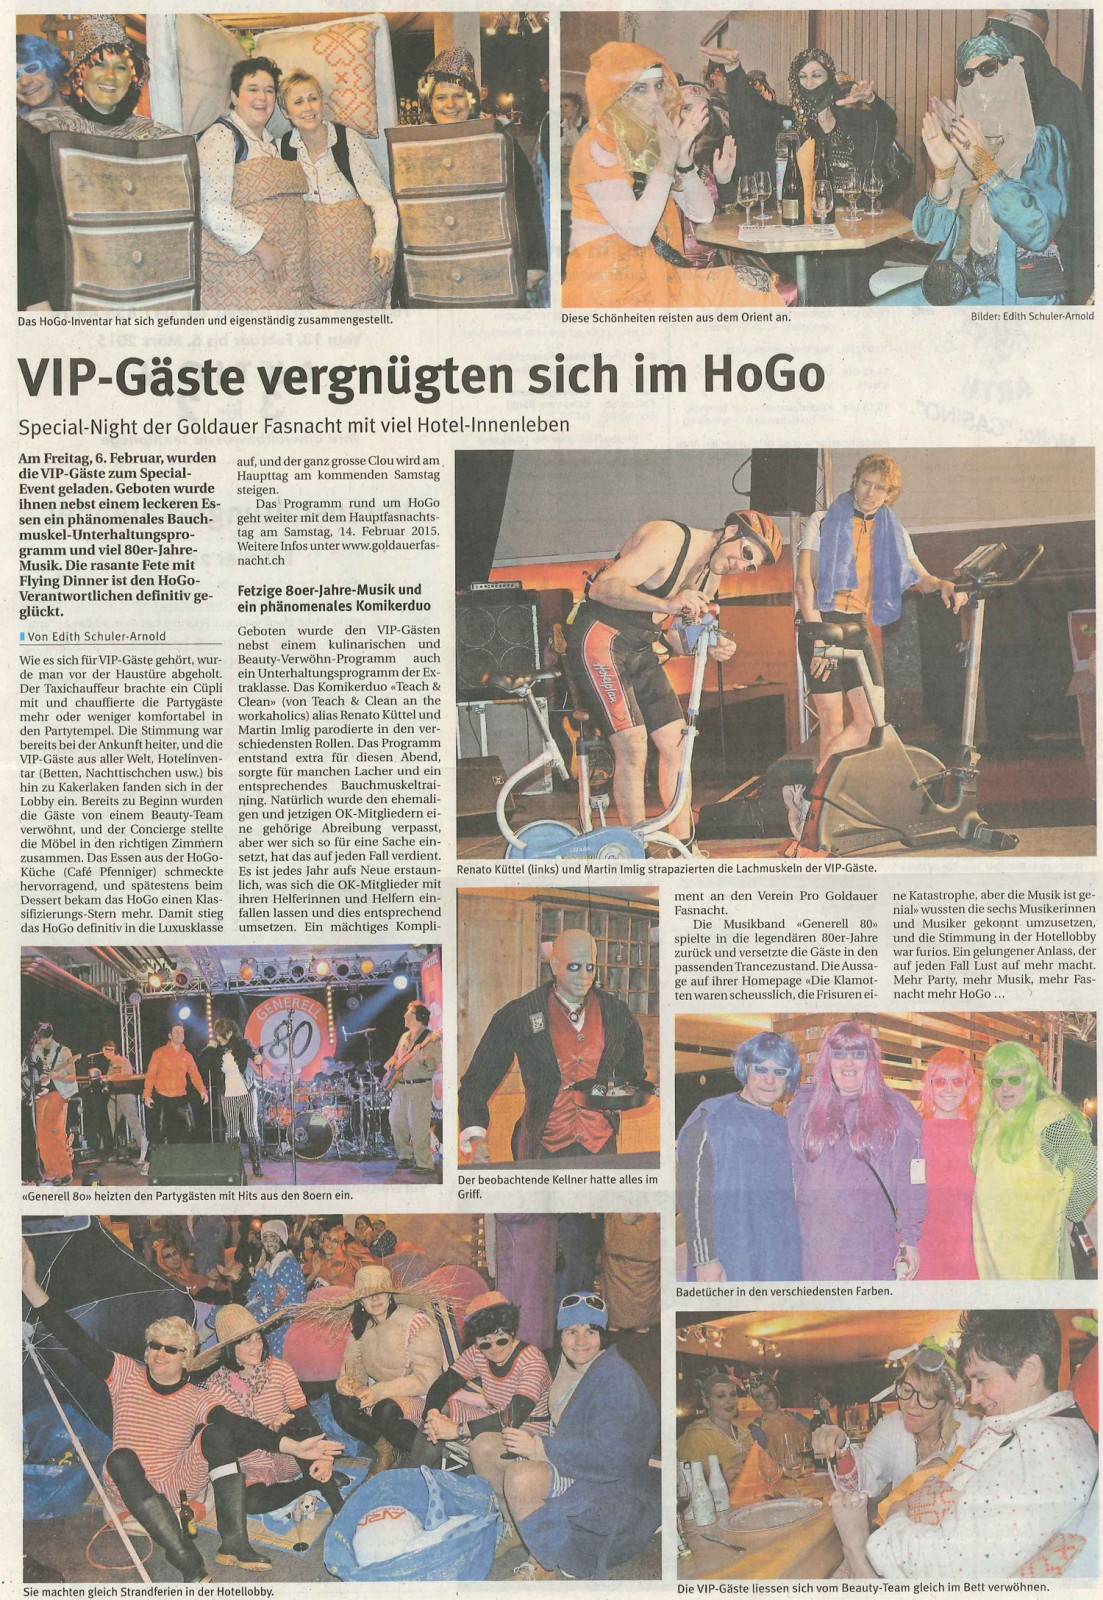 RP-VIP-Gäste-vergnügten-sich-im-HoGo